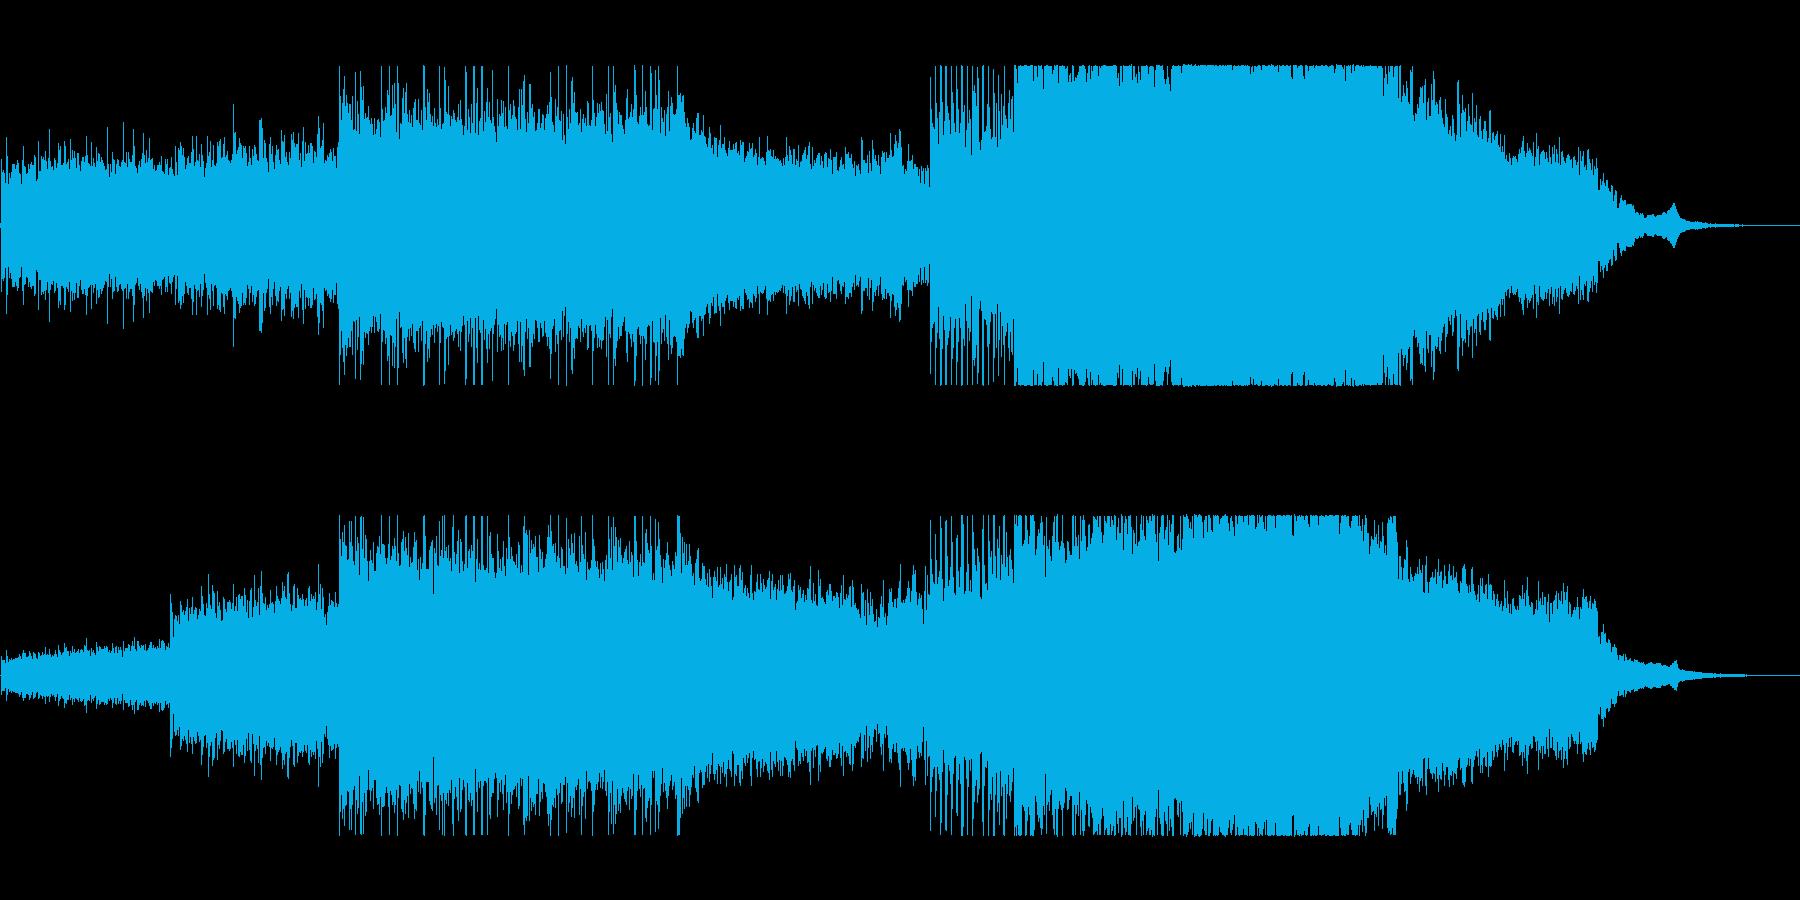 エコーの効いた神秘的なイージーリスニングの再生済みの波形